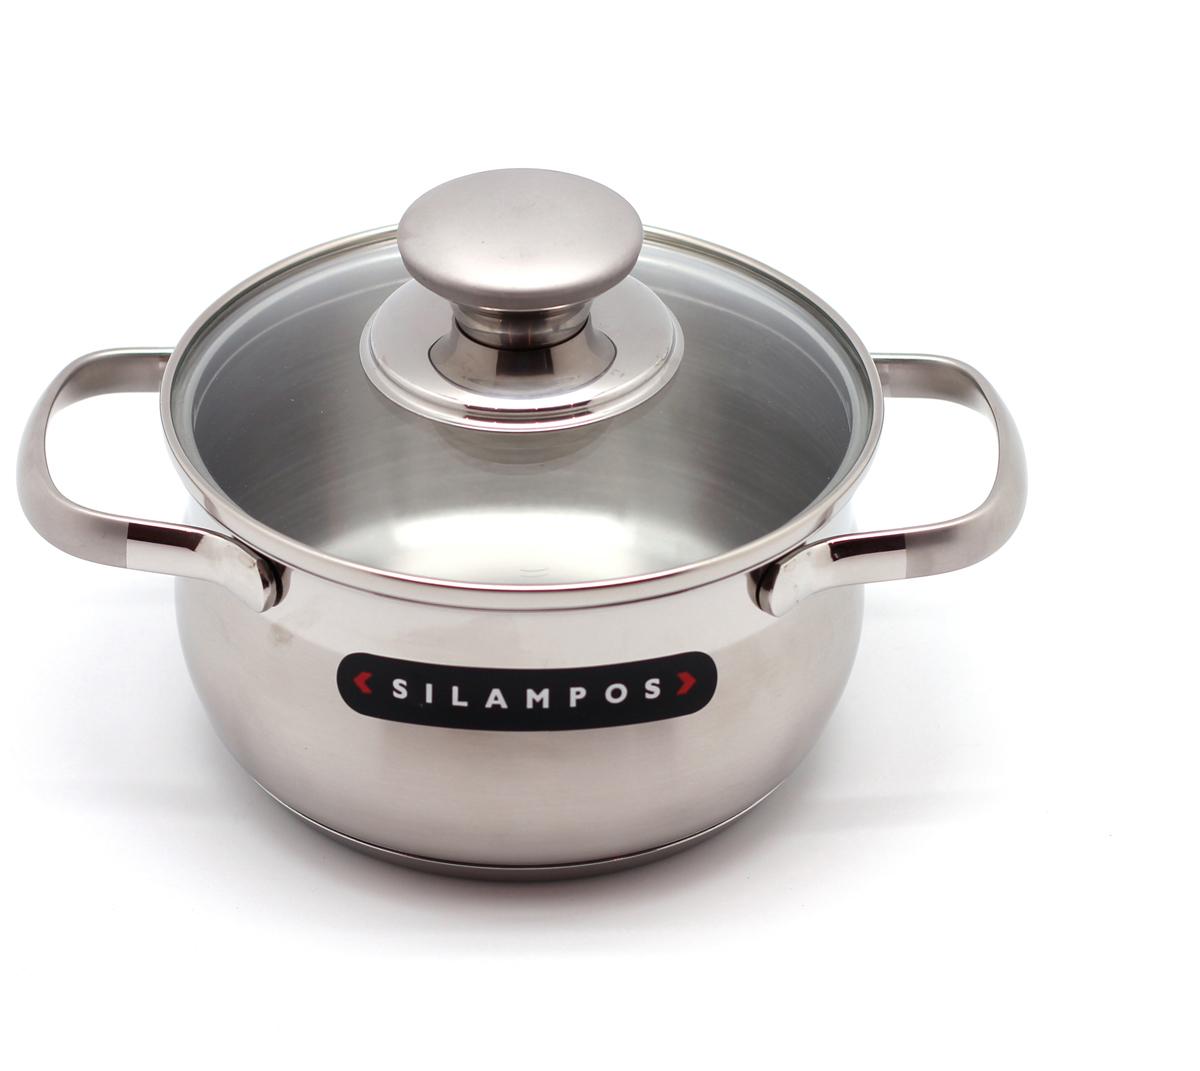 Кастрюля Silampos Роял Сатин, цвет: металл, диаметр 20 см, 2,75 л. 633123V61020633123V61020Кастрюля из серии Роял Сатин компании Silampos. Выполнена в красивом корпусе с выпуклыми стенками из нержавеющей стали 18/10 и имеет толстое трехслойное дно, благодаря чему может быть использована для приготовления любых блюд на всех типах плит, включая индукционные. Матовое покрытие вкупе с полированной полосой и матовыми ручками являются отличительной особенностью дизайна. Ручки, прикрепленные к корпусу методом точечной сварки, очень прочны и практически не нагреваются вместе с кастрюлей. Стеклянная крышка плотно прилегает к краям кастрюли, предотвращая потерю тепла при готовке. Подходит для мытья в посудомоечной машине.